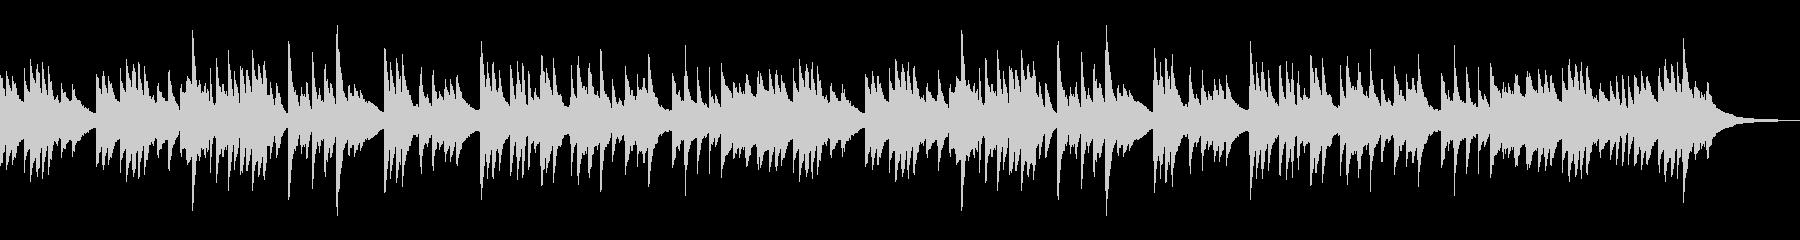 静かな印象で切ない和風なピアノBGMの未再生の波形